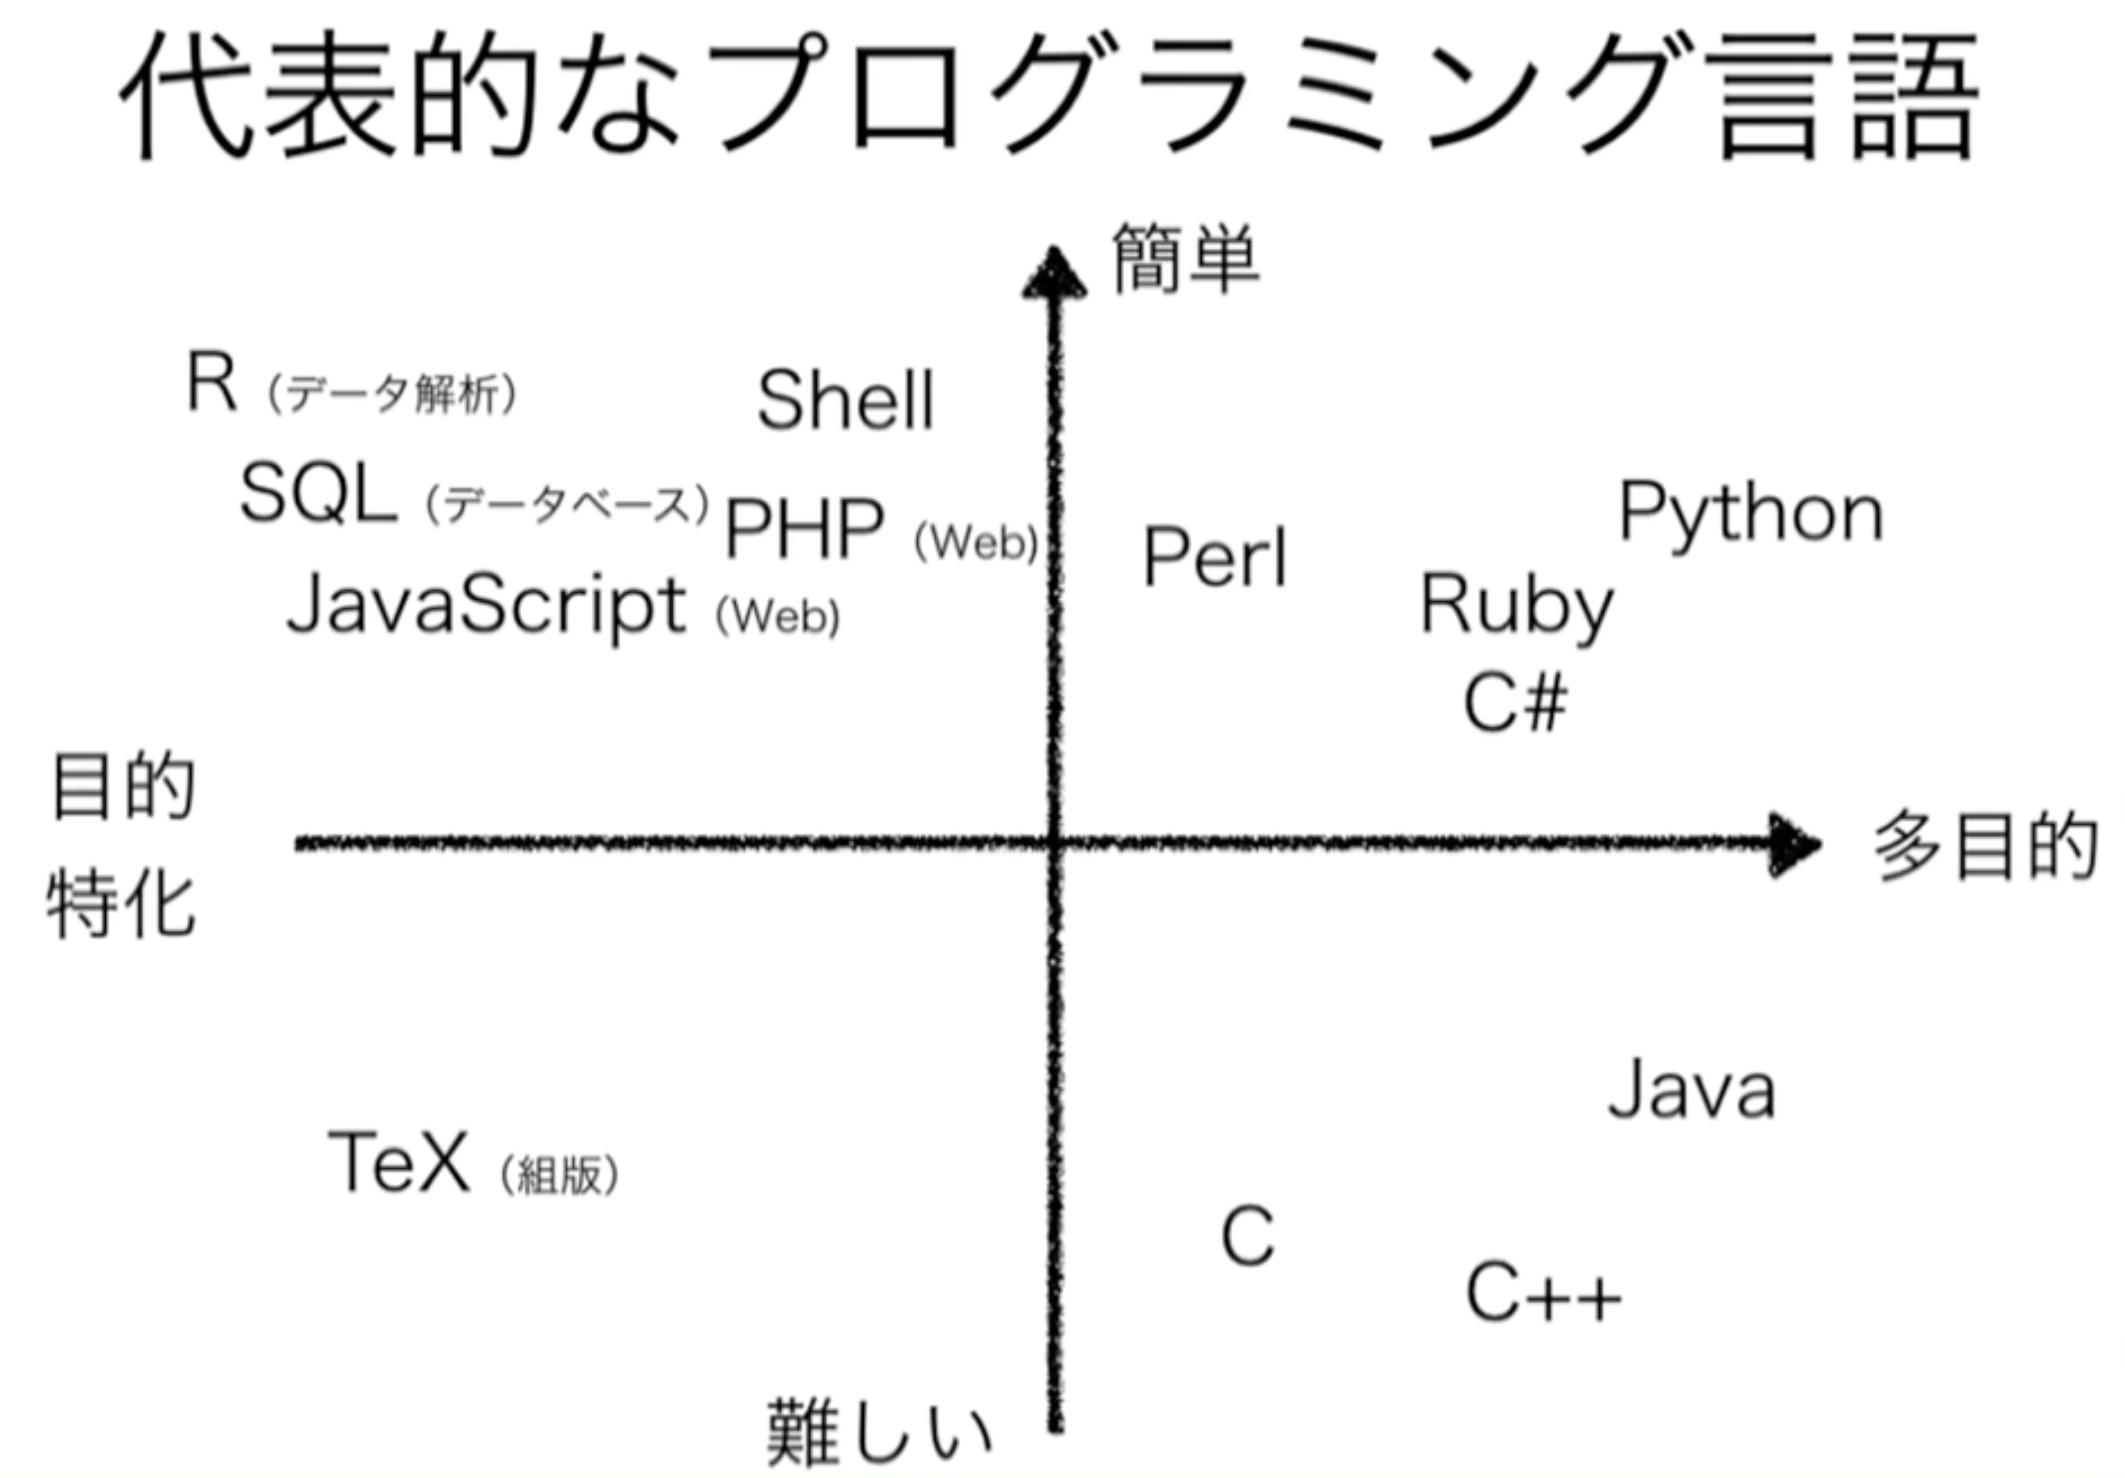 代表的なプログラミング言語